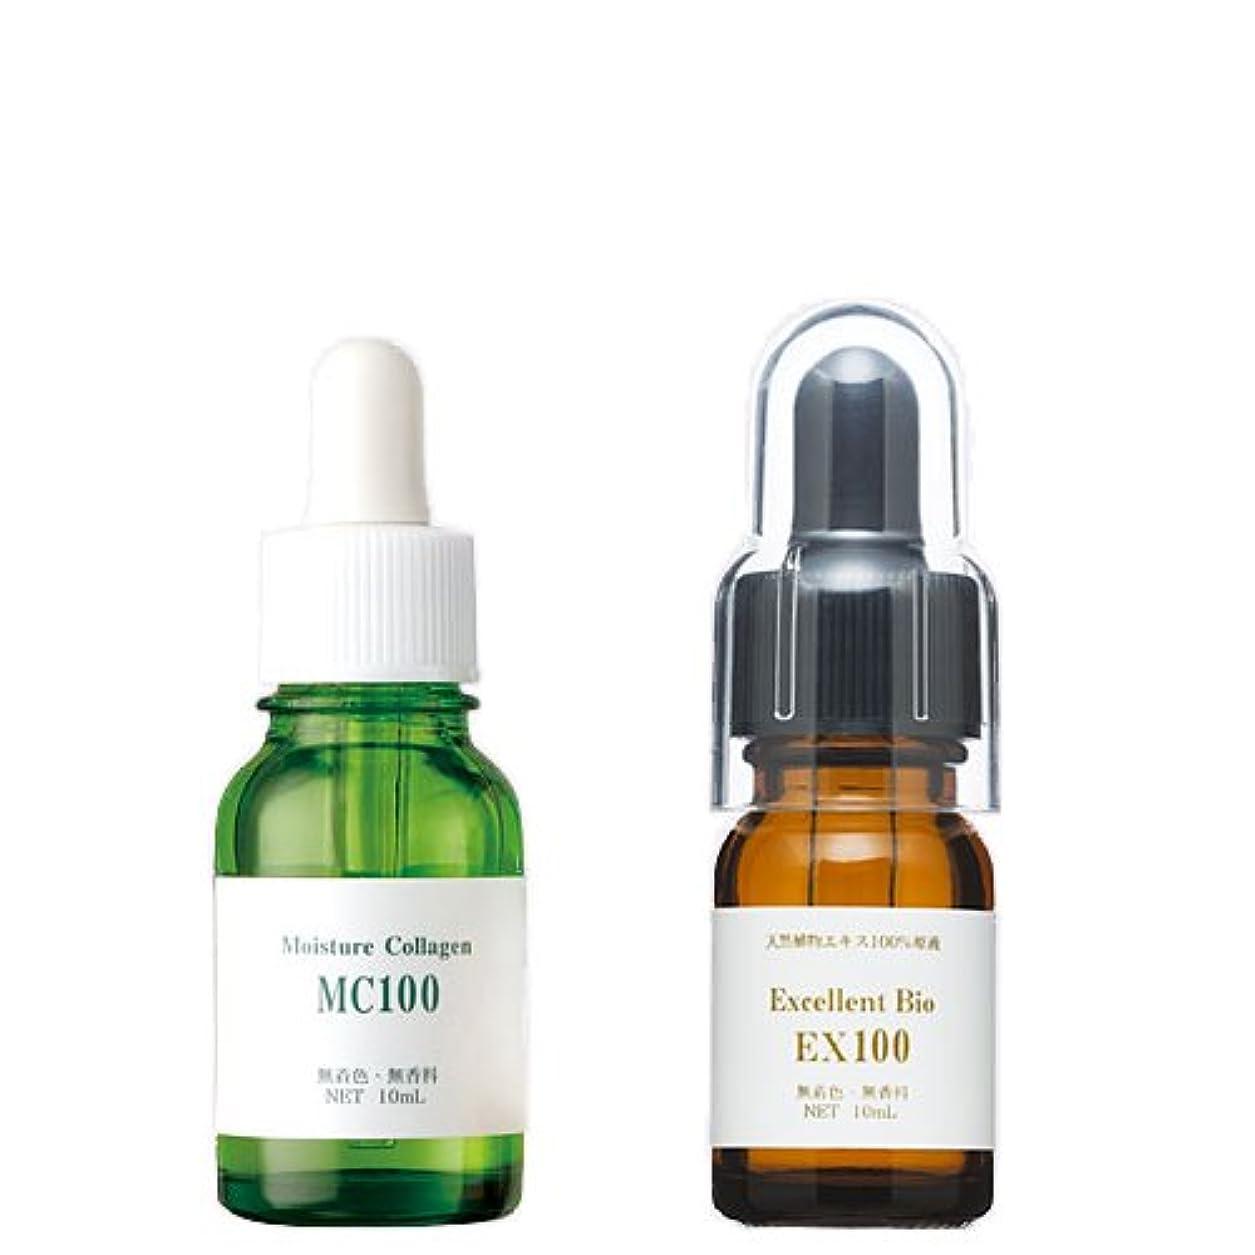 揃えるライバル聞きますエビス化粧品(EBiS) 植物性コラーゲンMC100(10ml)【エクセレントバイオEX100 (10ml)】人気セット 美容液 原液